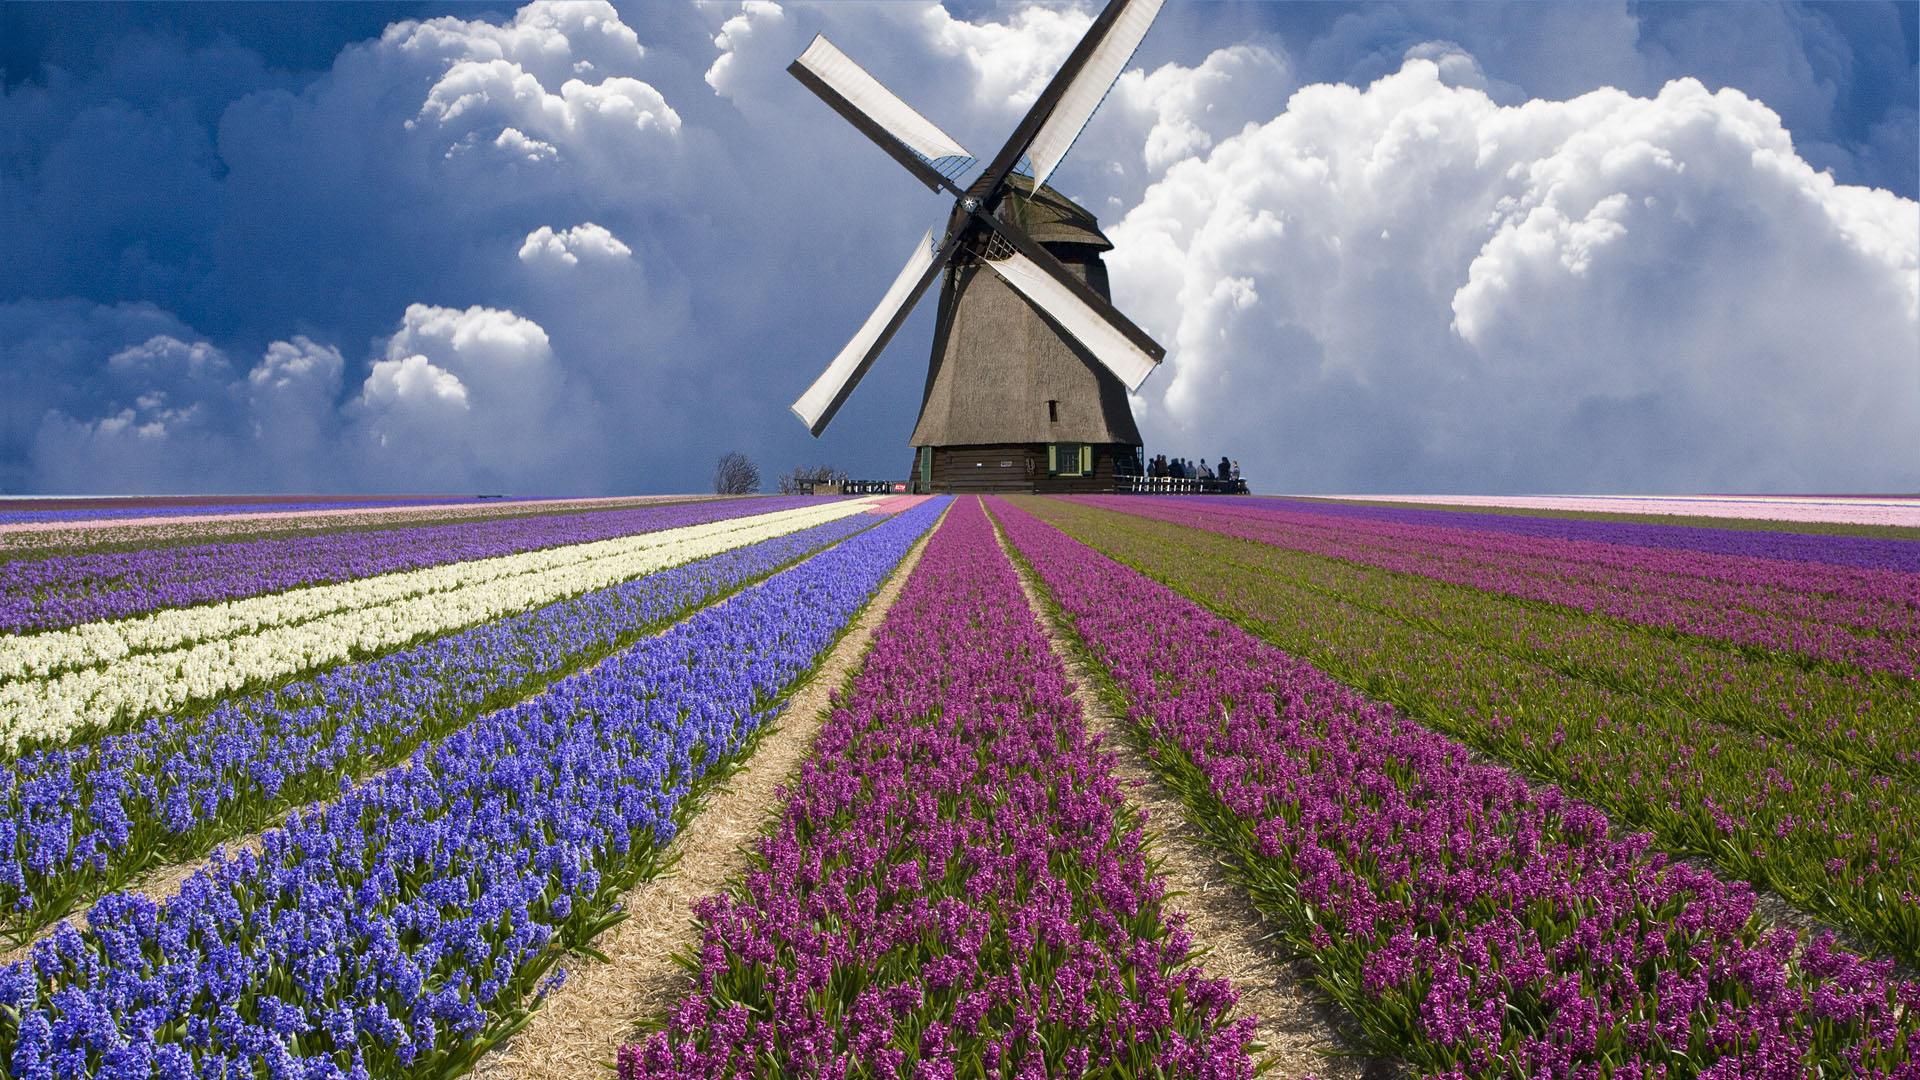 Поле цветов картинки и фотографии - самые красивые и удивительные 12